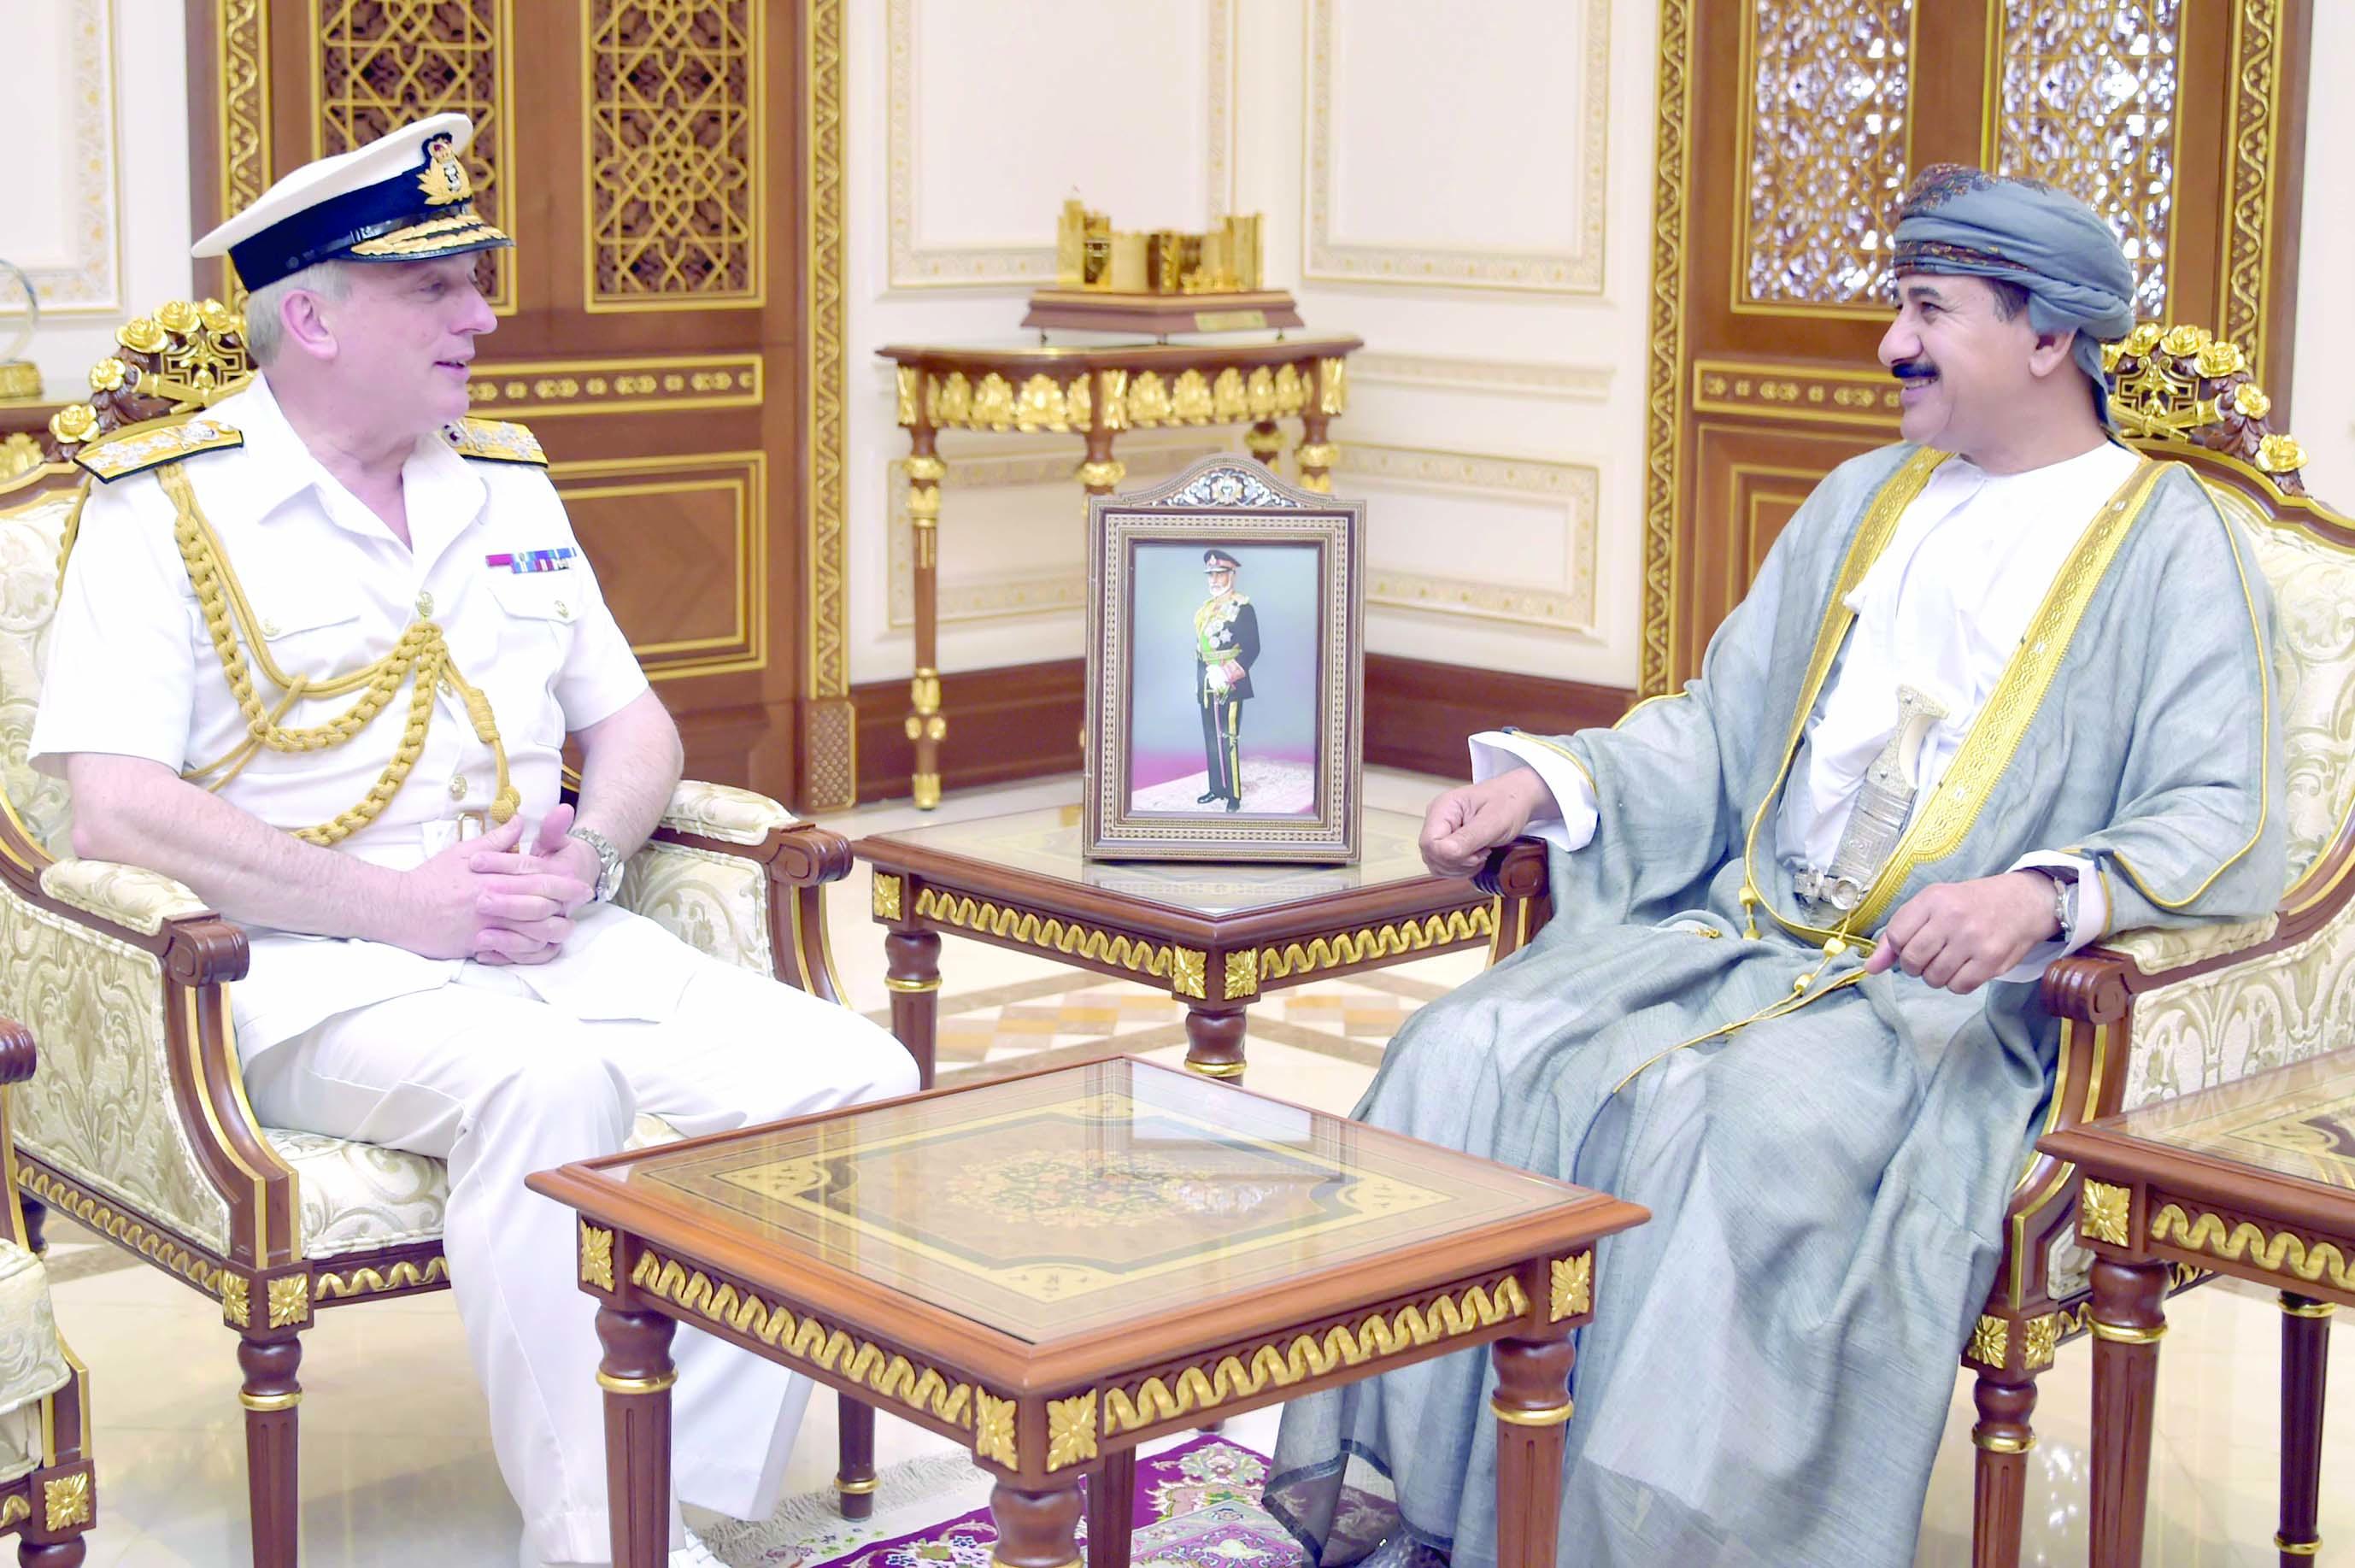 وزير المكتب السلطاني يستقبل رئيس الأركان البحرية البريطانية